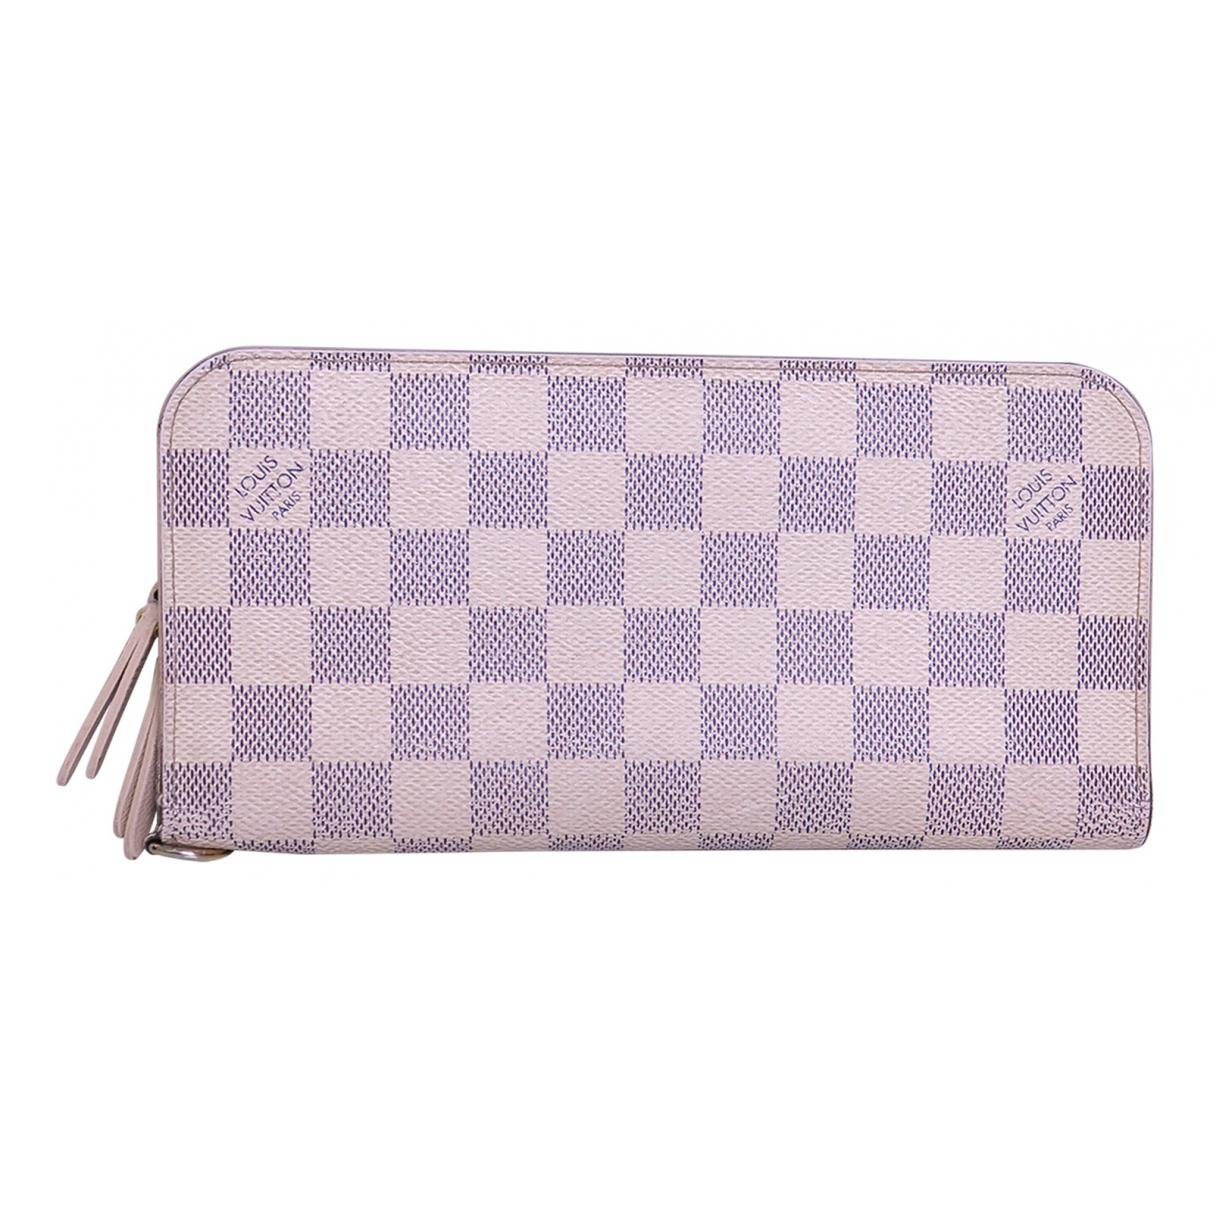 Louis Vuitton - Portefeuille Zippy pour femme en toile - ecru